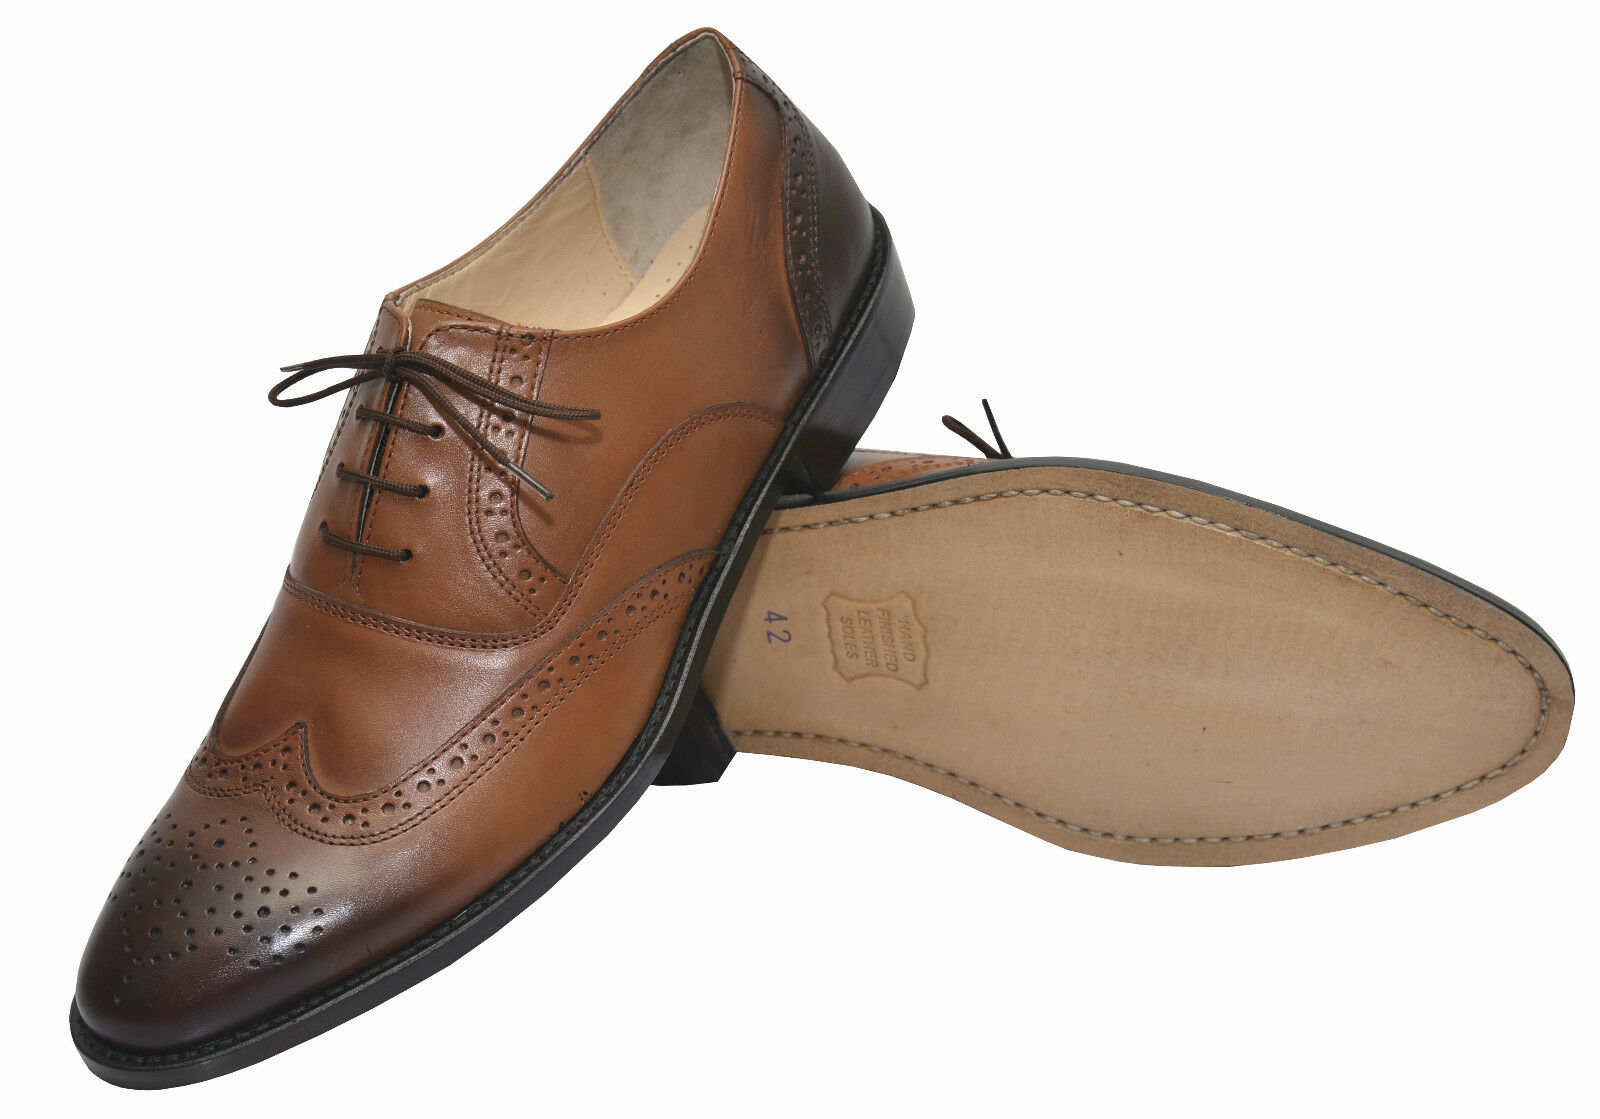 Herren Business Echtleder Zapatos HalbZapatos Schnürer feines Echtleder Business Größe 41 bis 45 Neu b86086